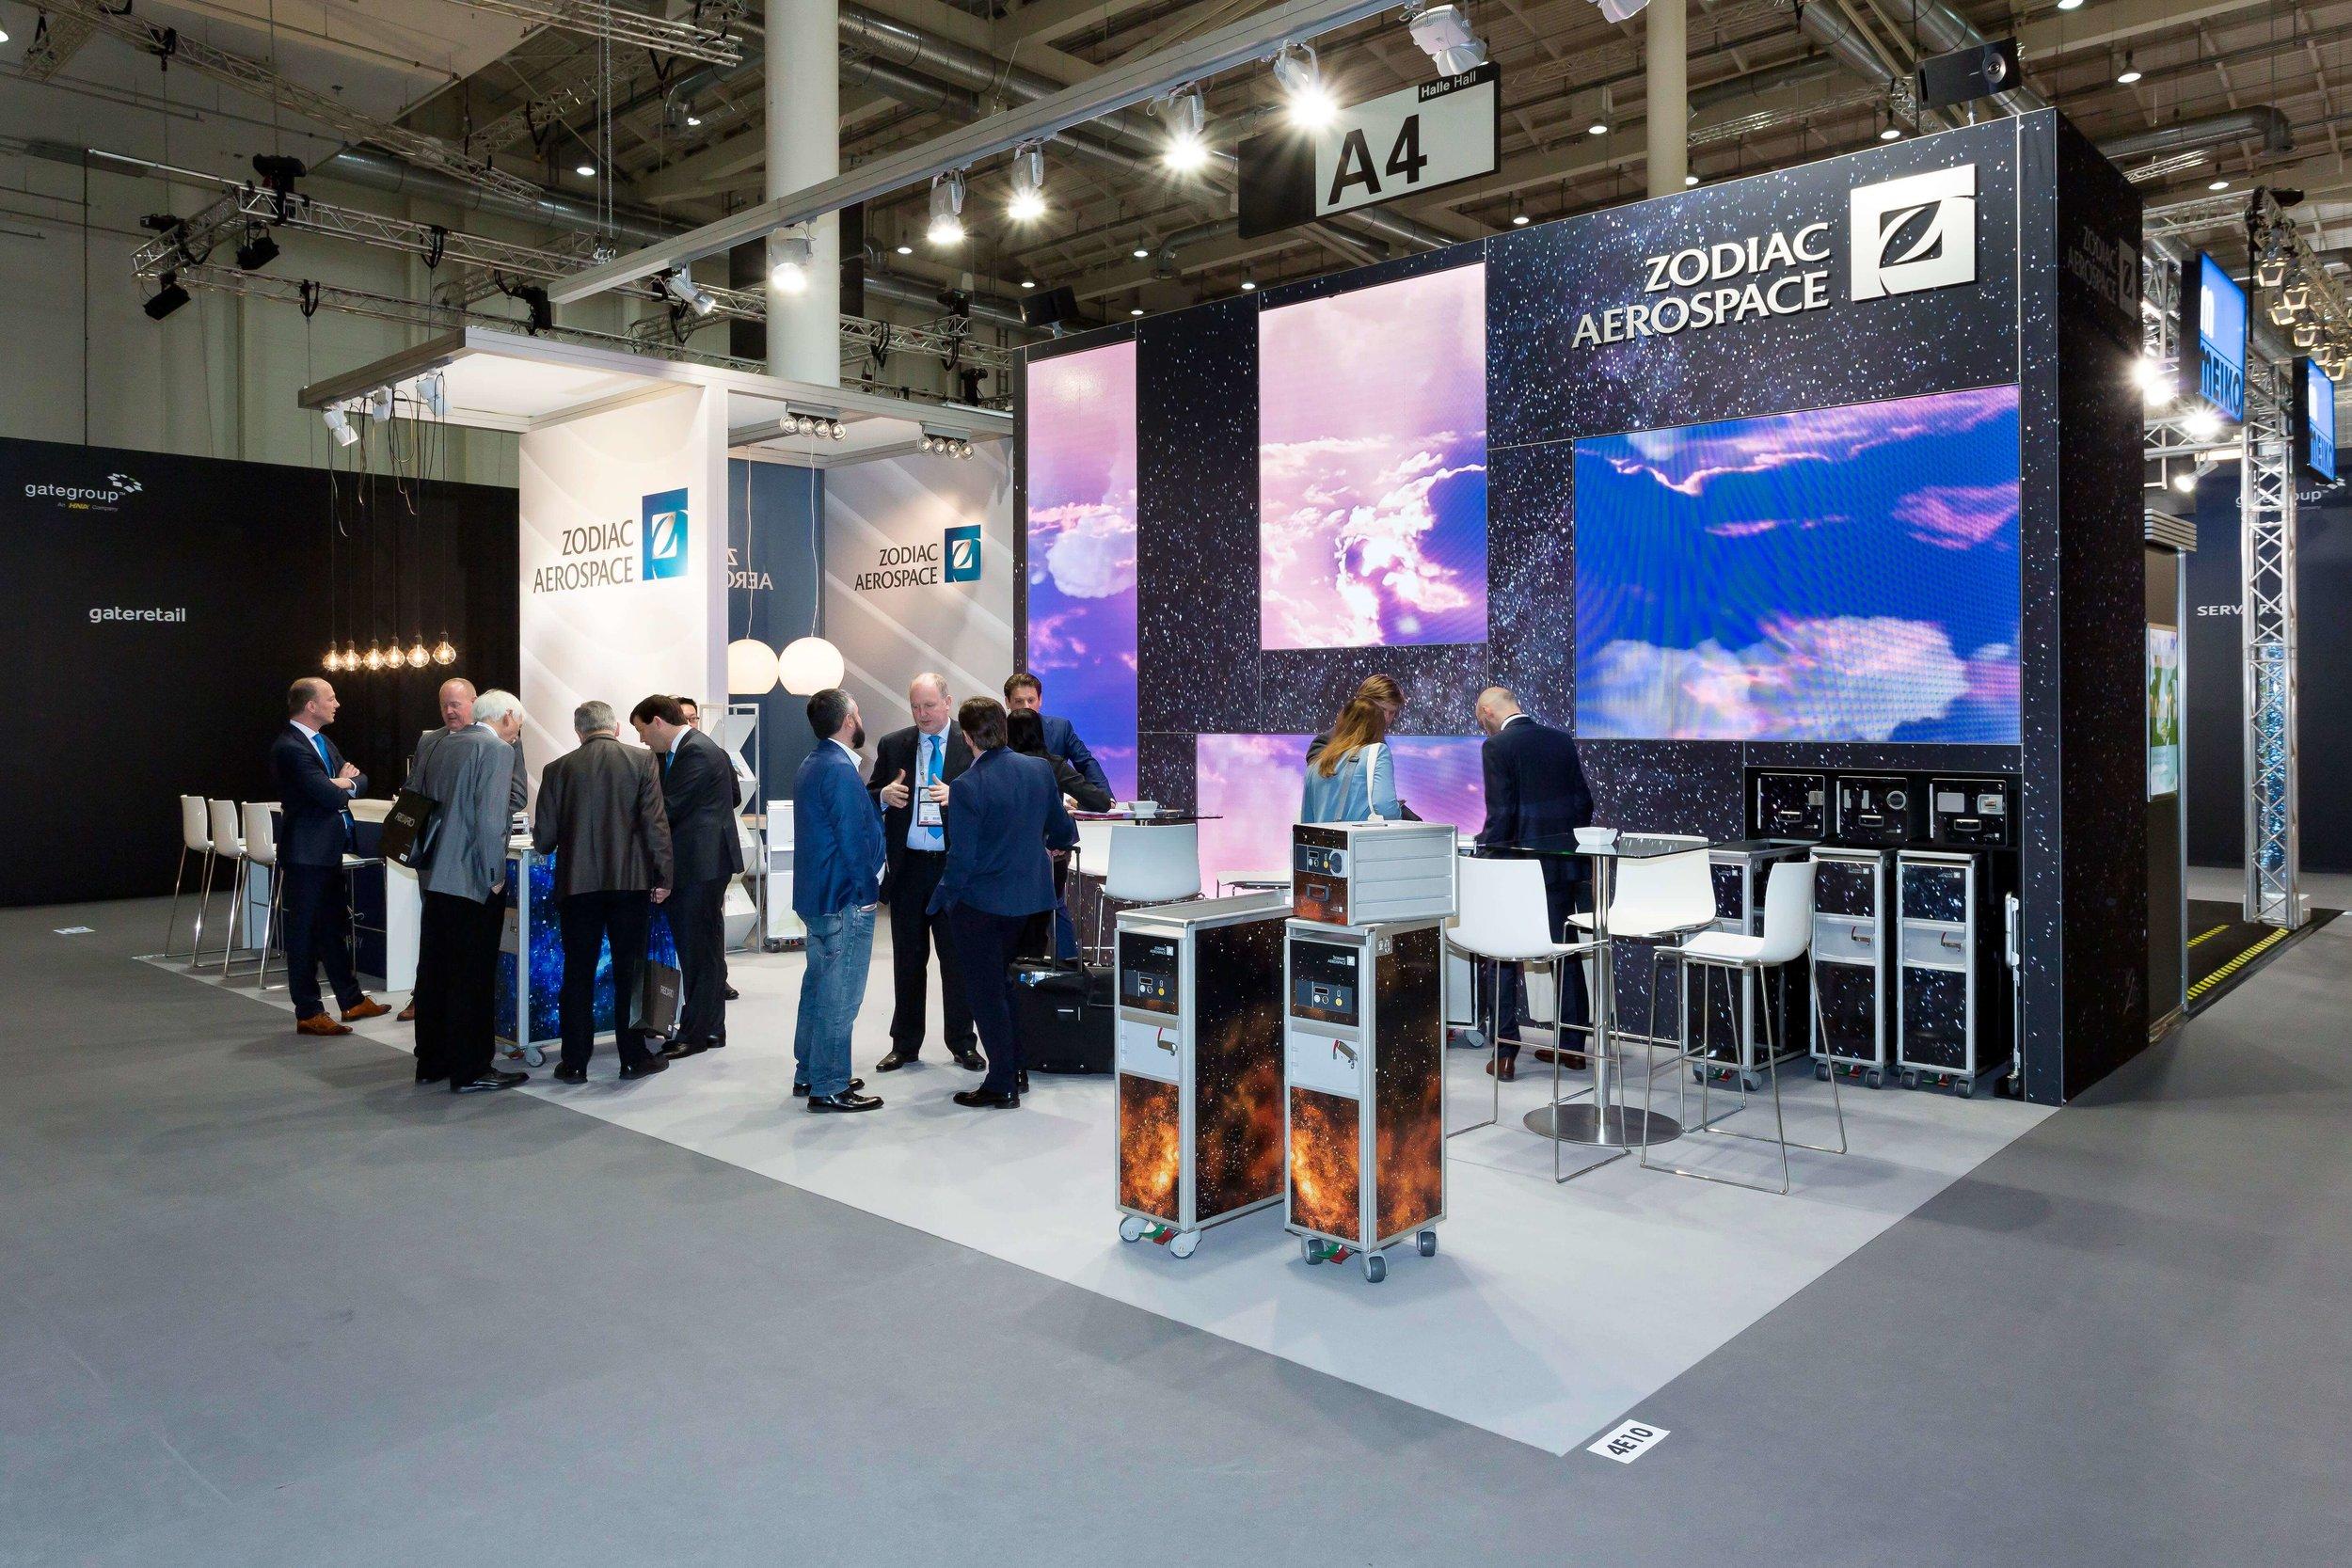 Zodiac AirCatering Equipment booth 4E10.jpg